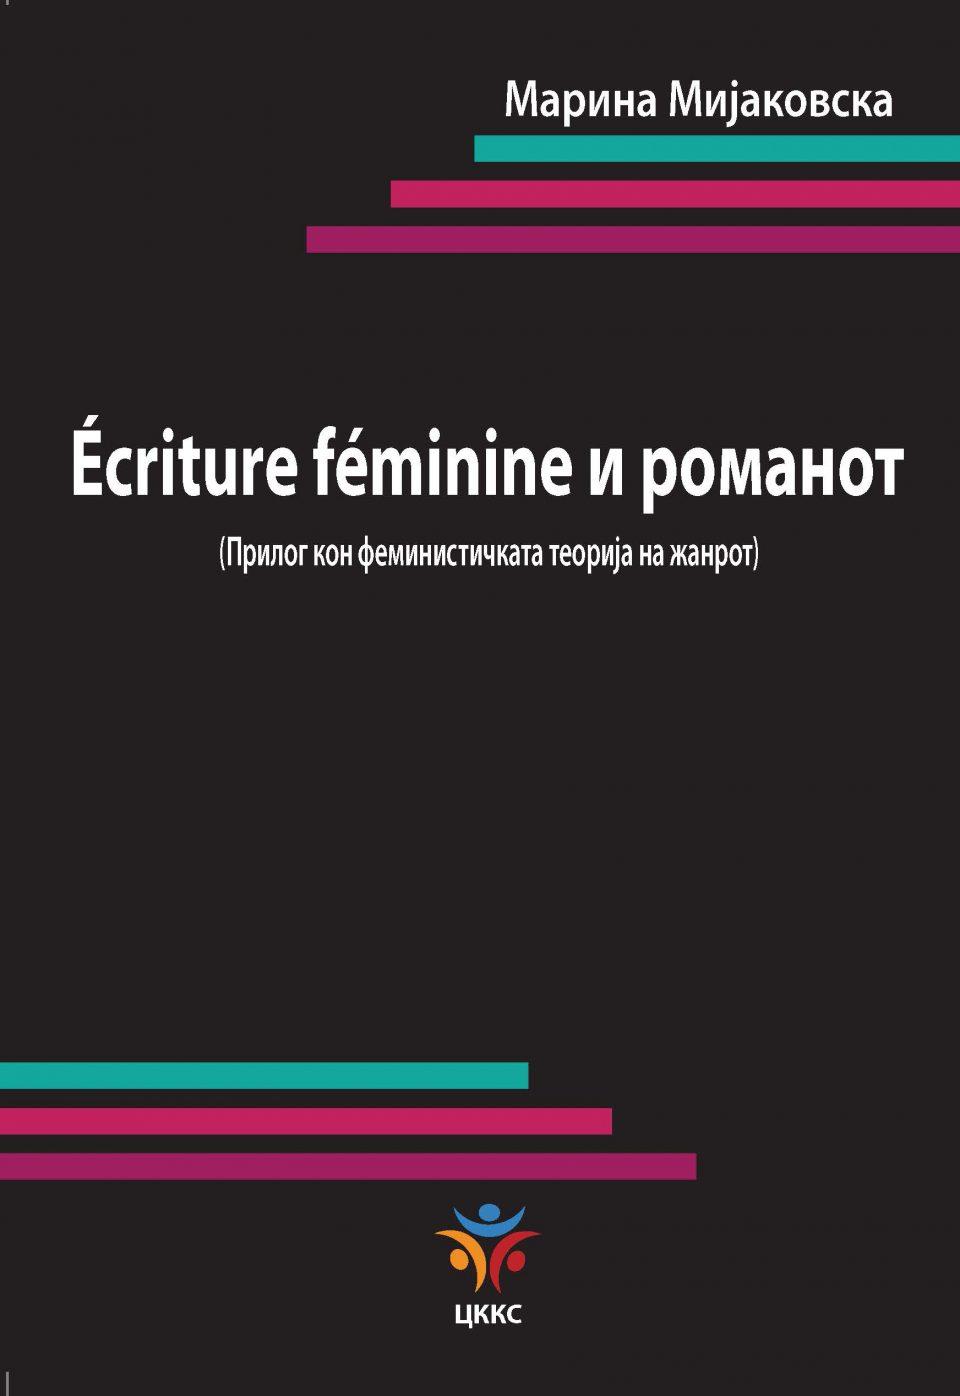 Нова книга од Марина Мијаковска